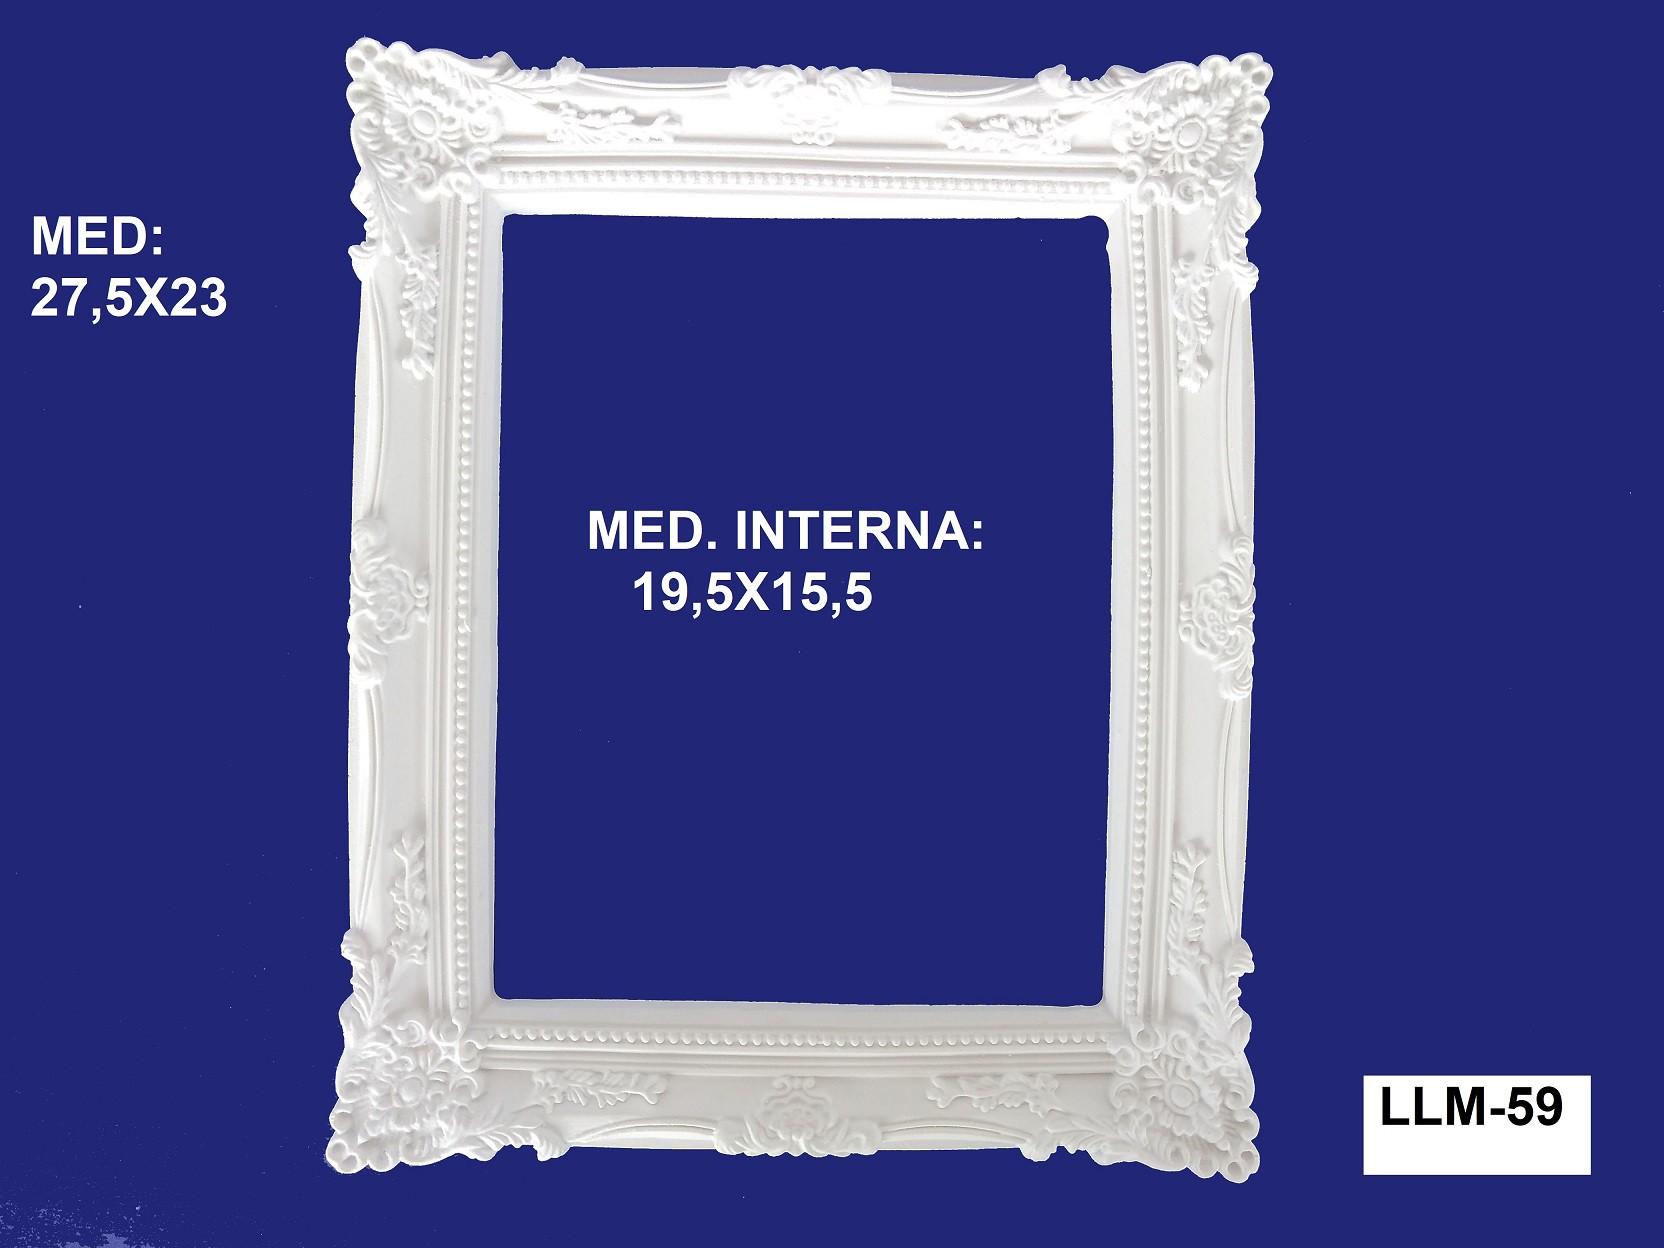 LLM-59 MOLDURA 27,5X23 INT: 19,5X15,5CM